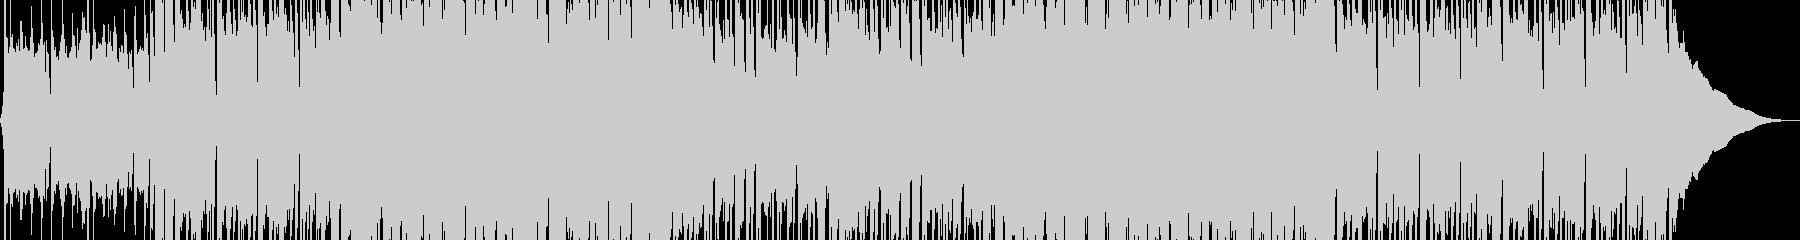 ポジティブロックミュージックの未再生の波形